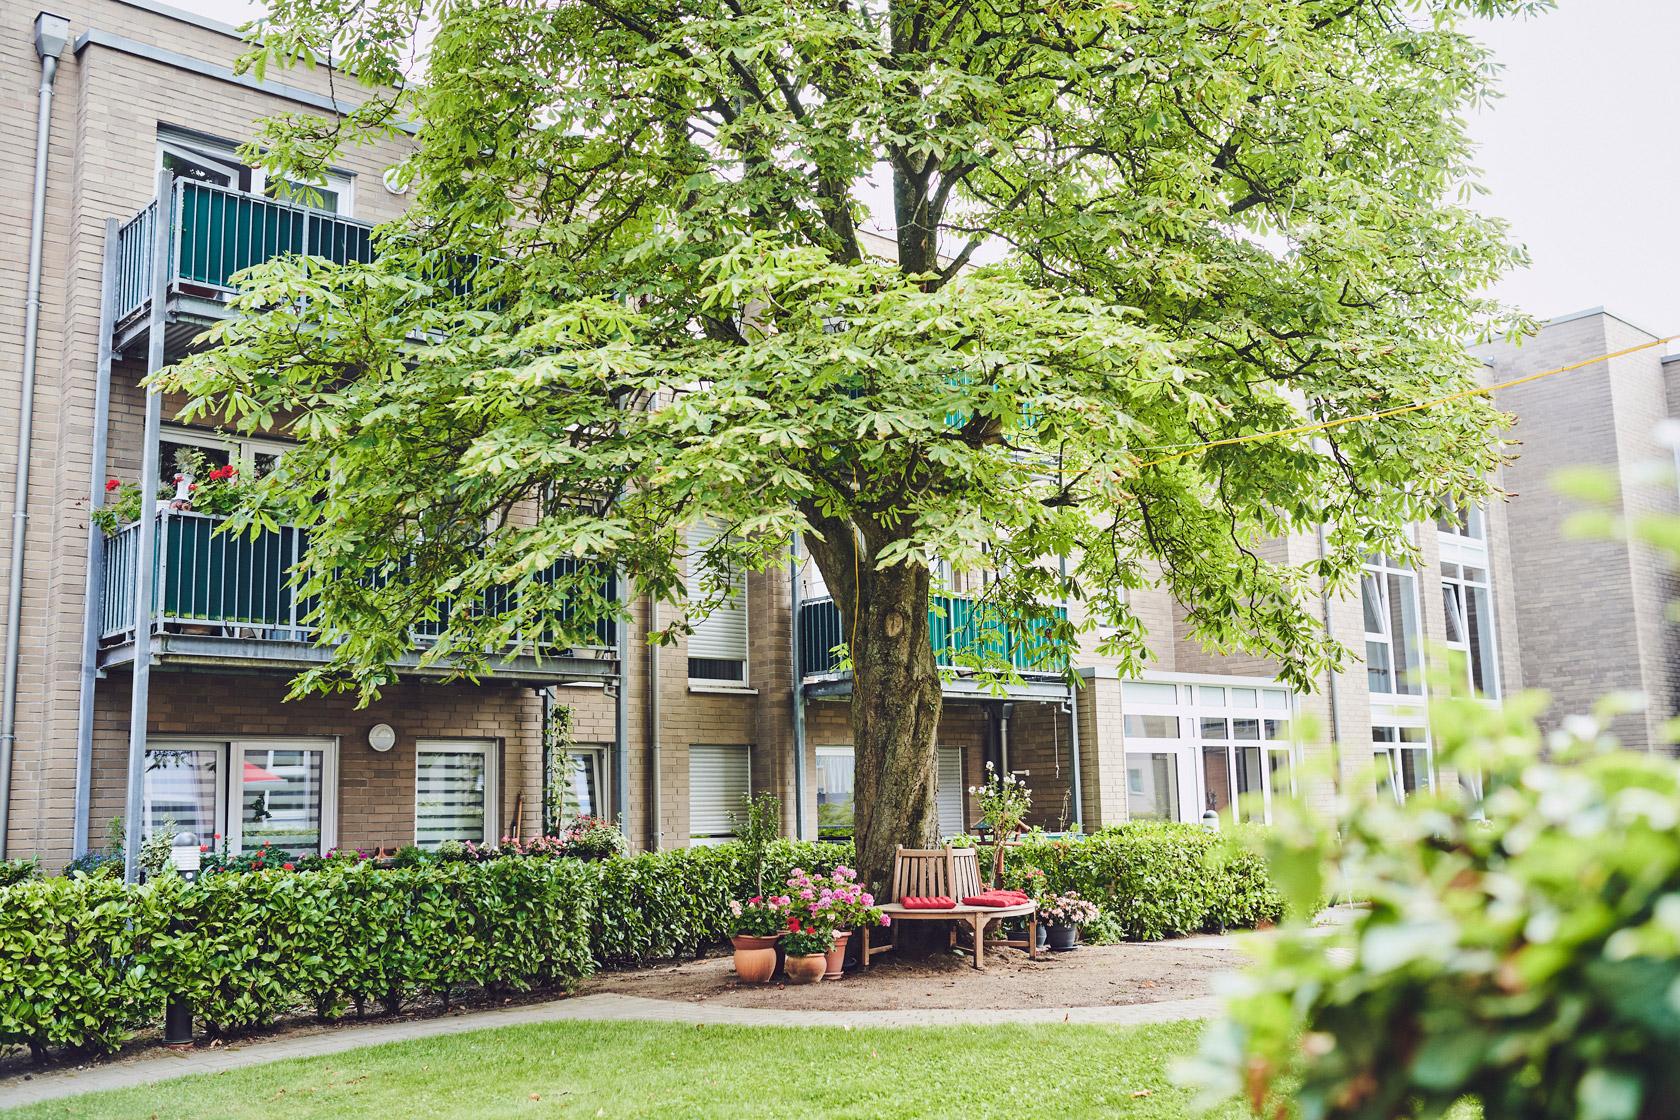 Gartenbank unter einem großen Baum in der Anlage Johanniter-Stift Flittard.